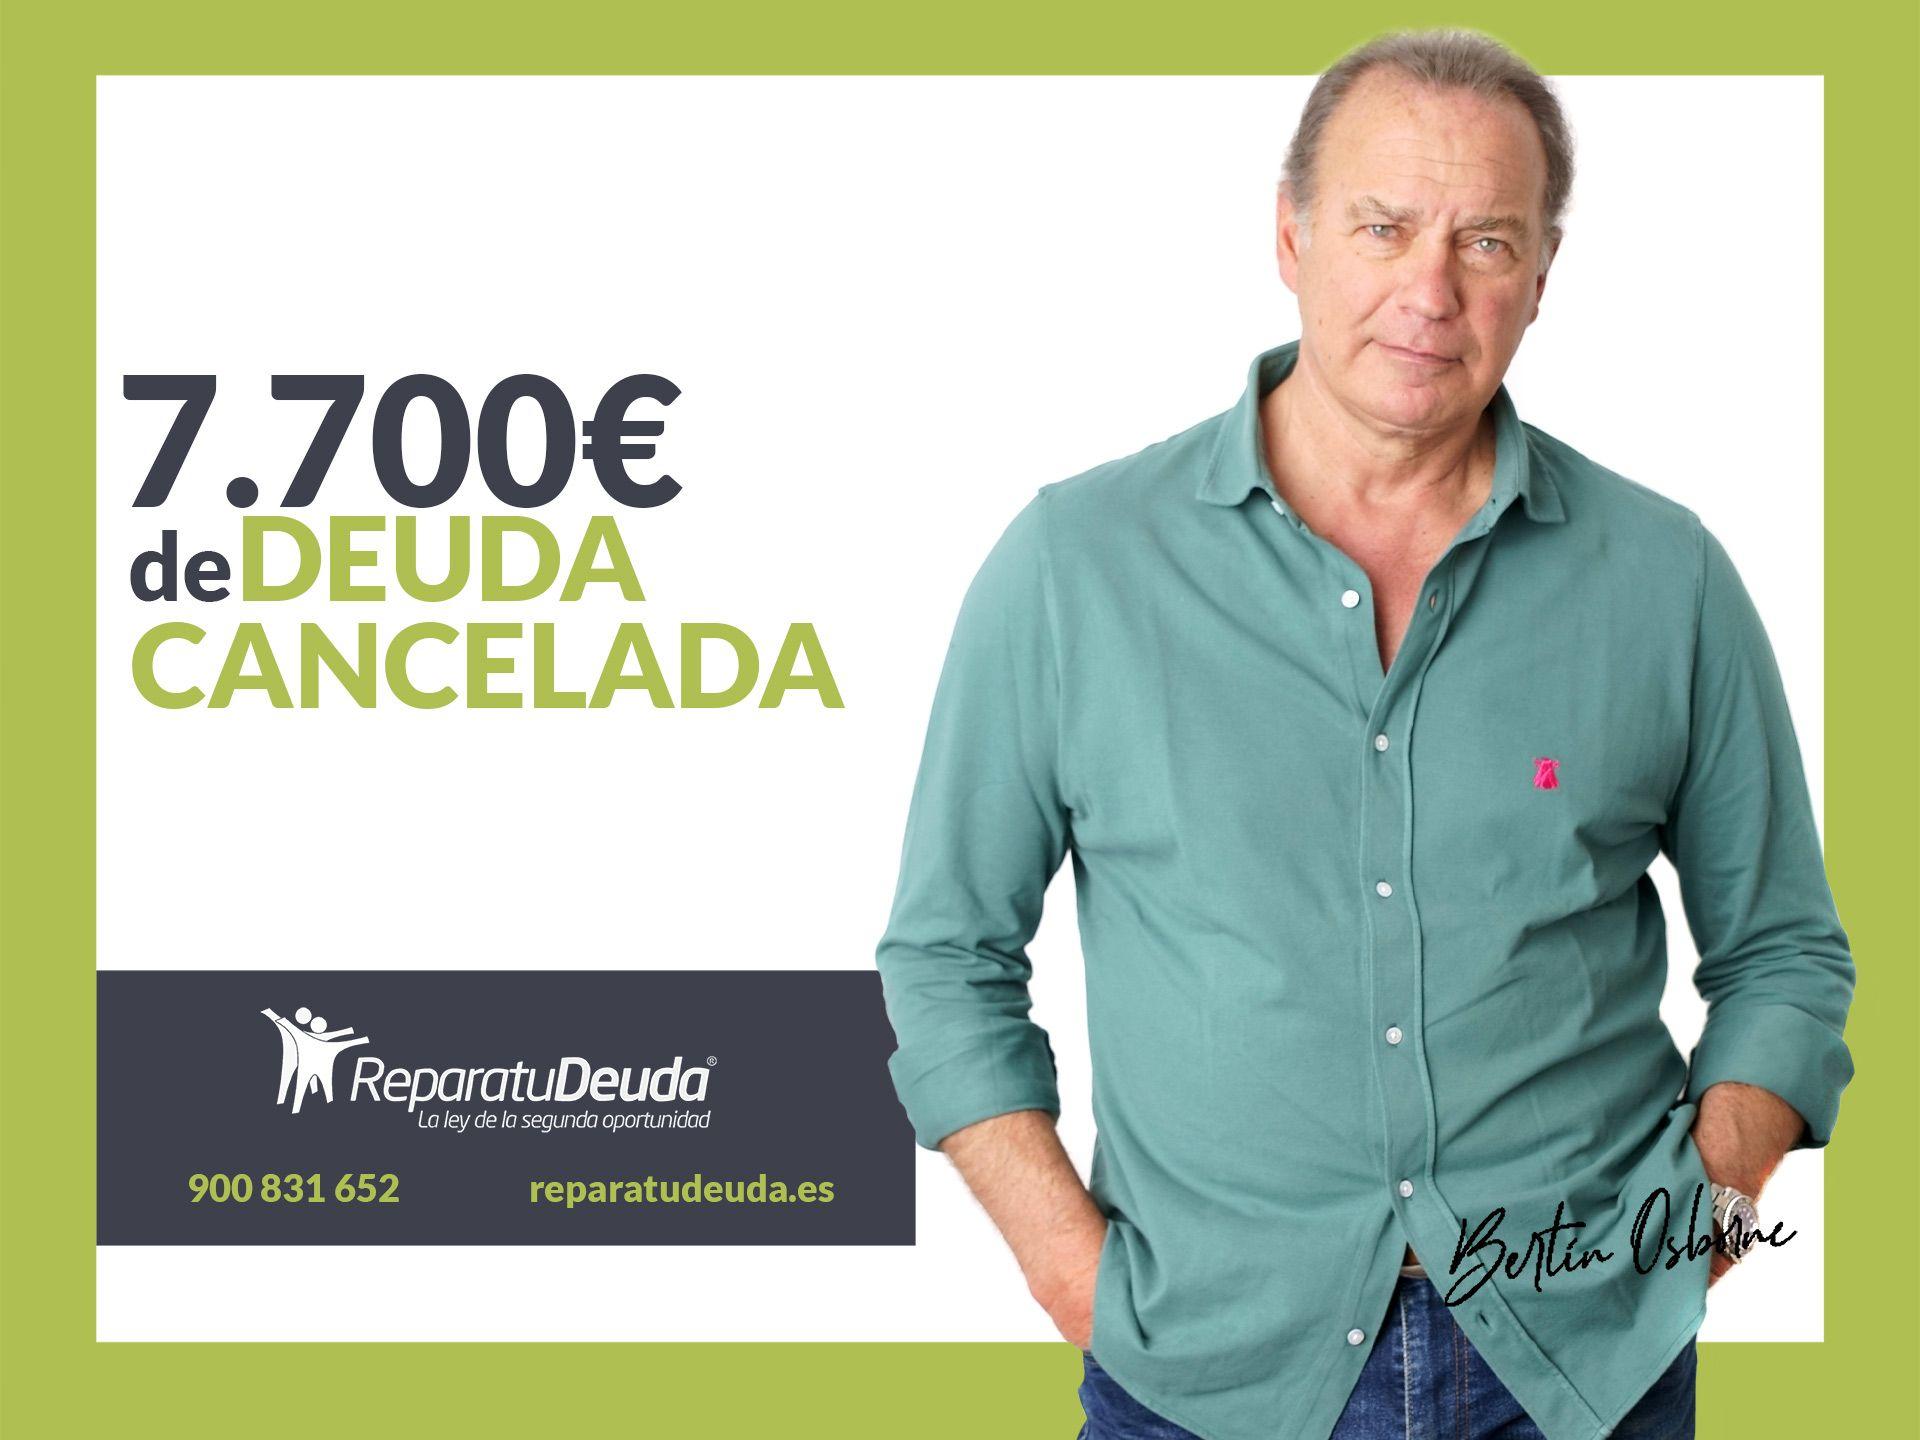 Repara tu Deuda Abogados cancela 7.700? en Oviedo (Asturias) gracias a la Ley de Segunda Oportunidad